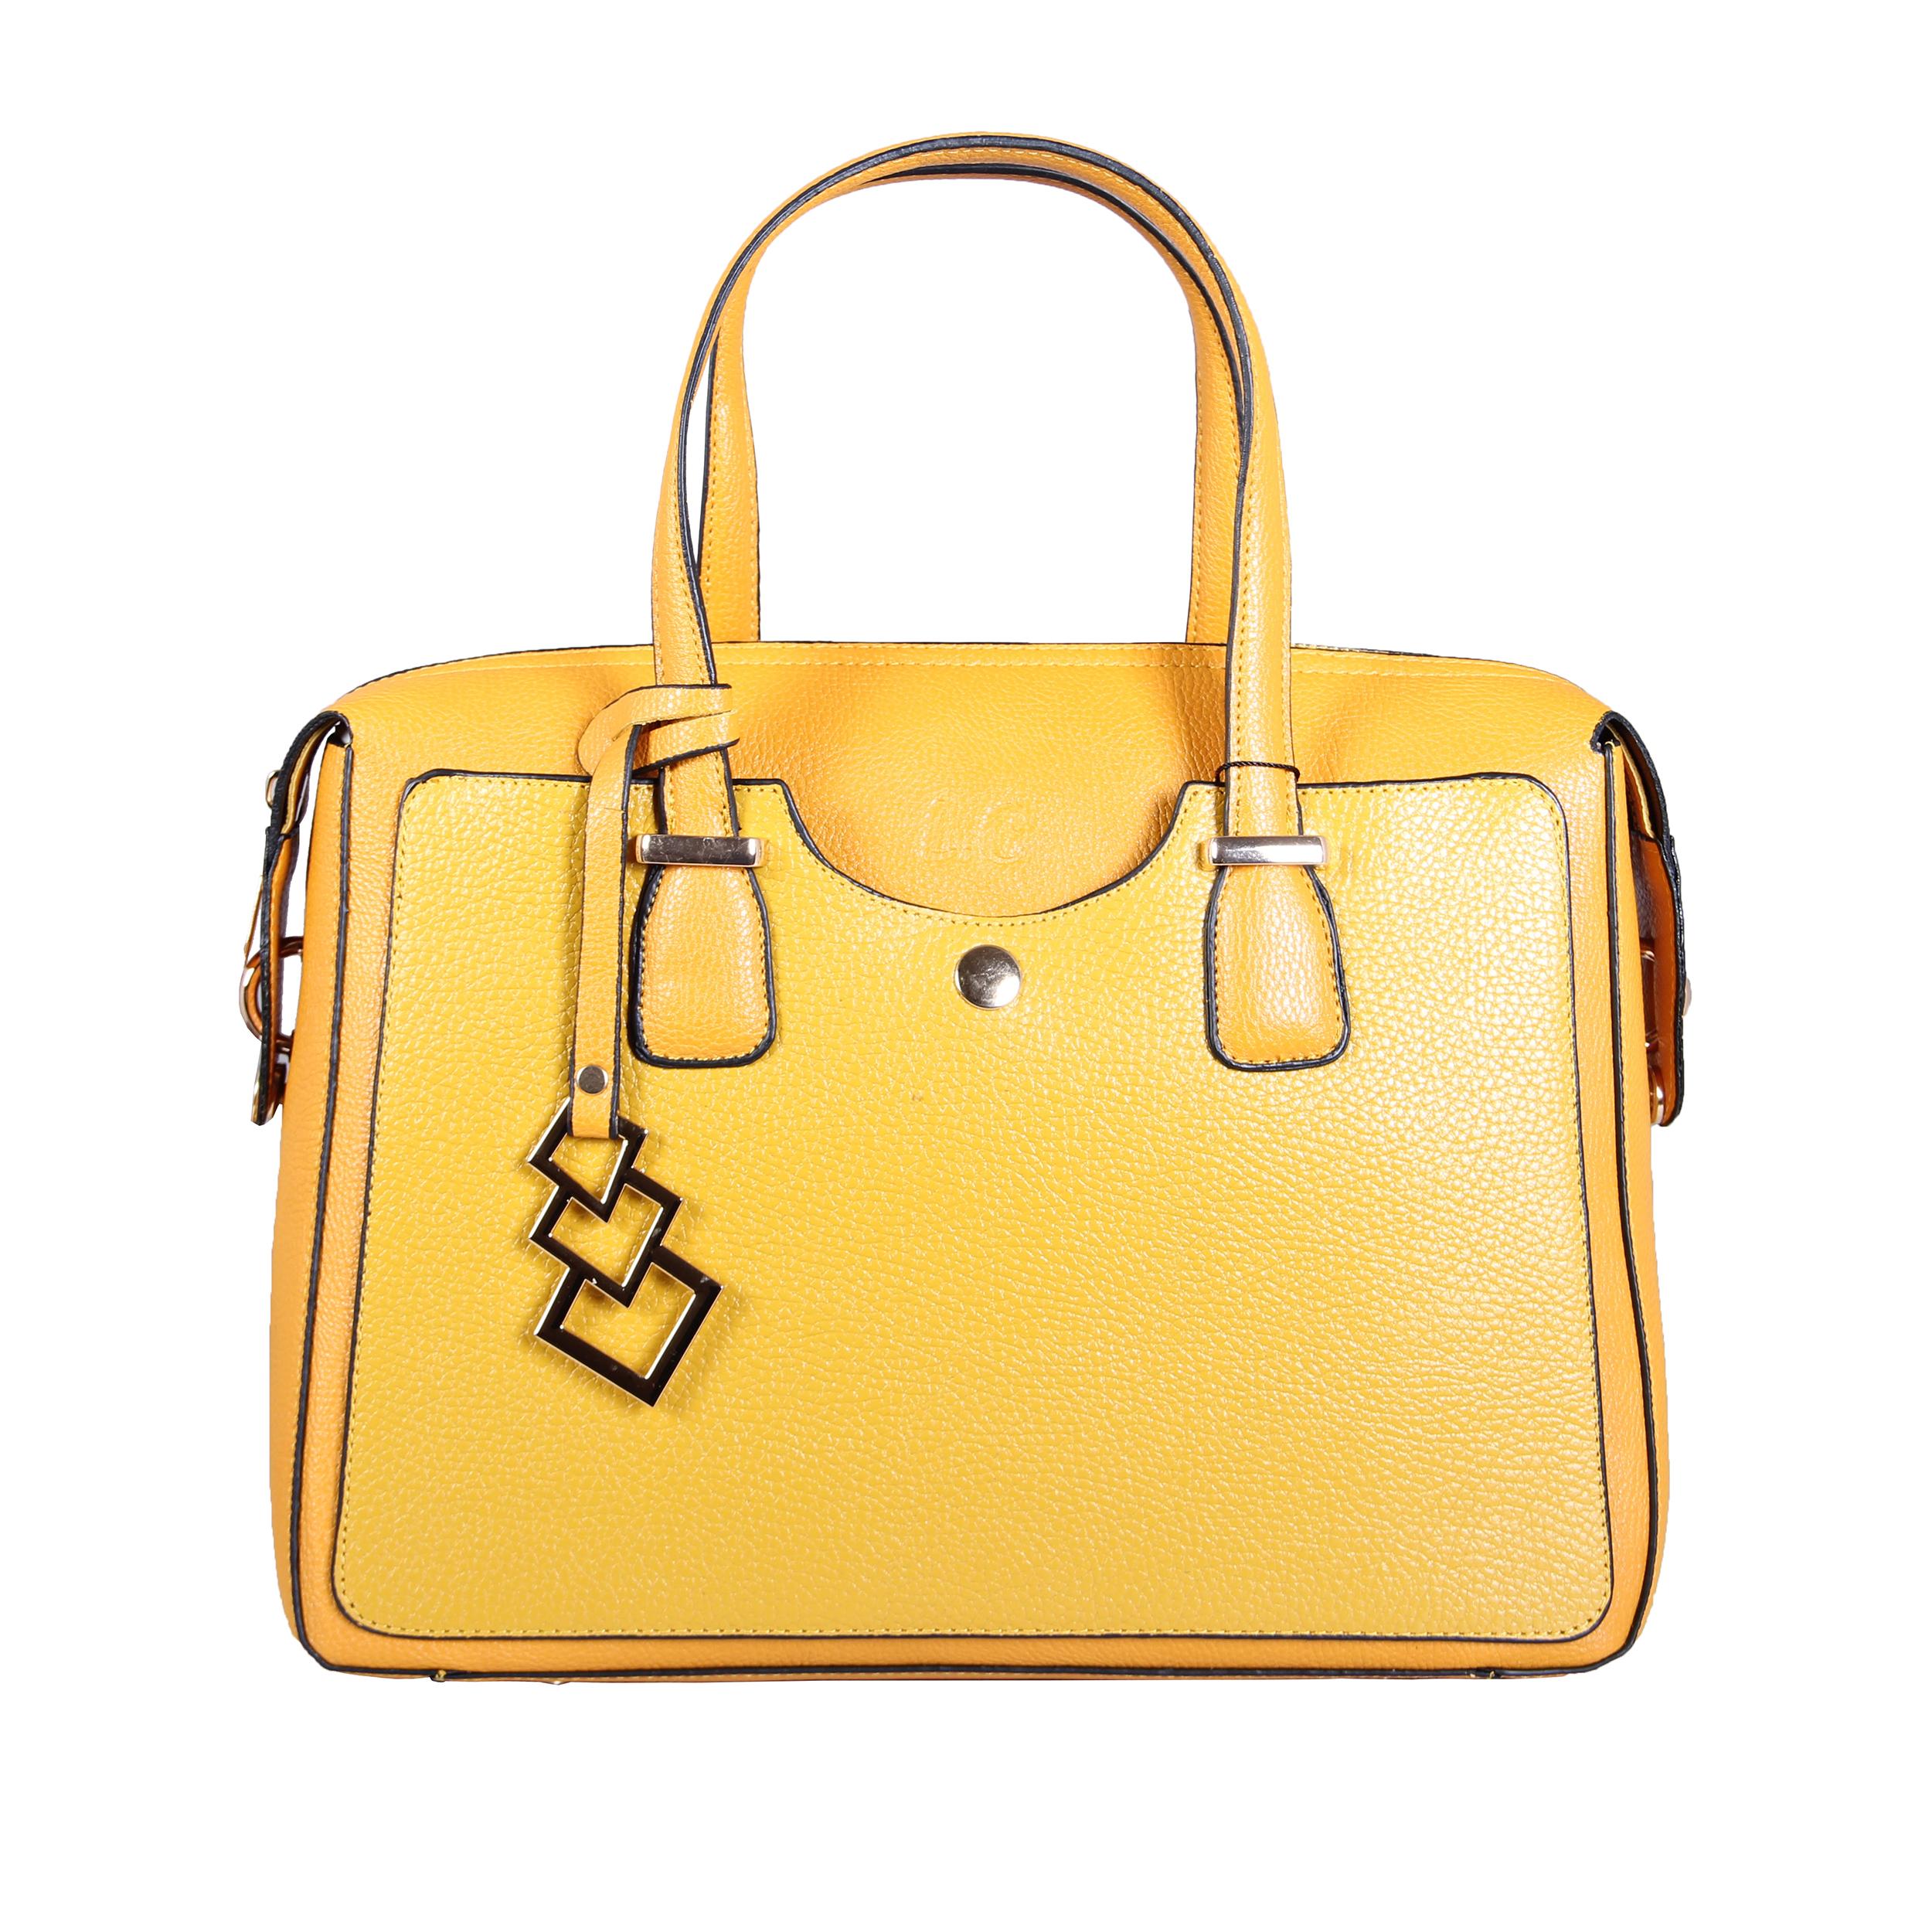 کیف دستی زنانه شهر چرم مدل M1111516